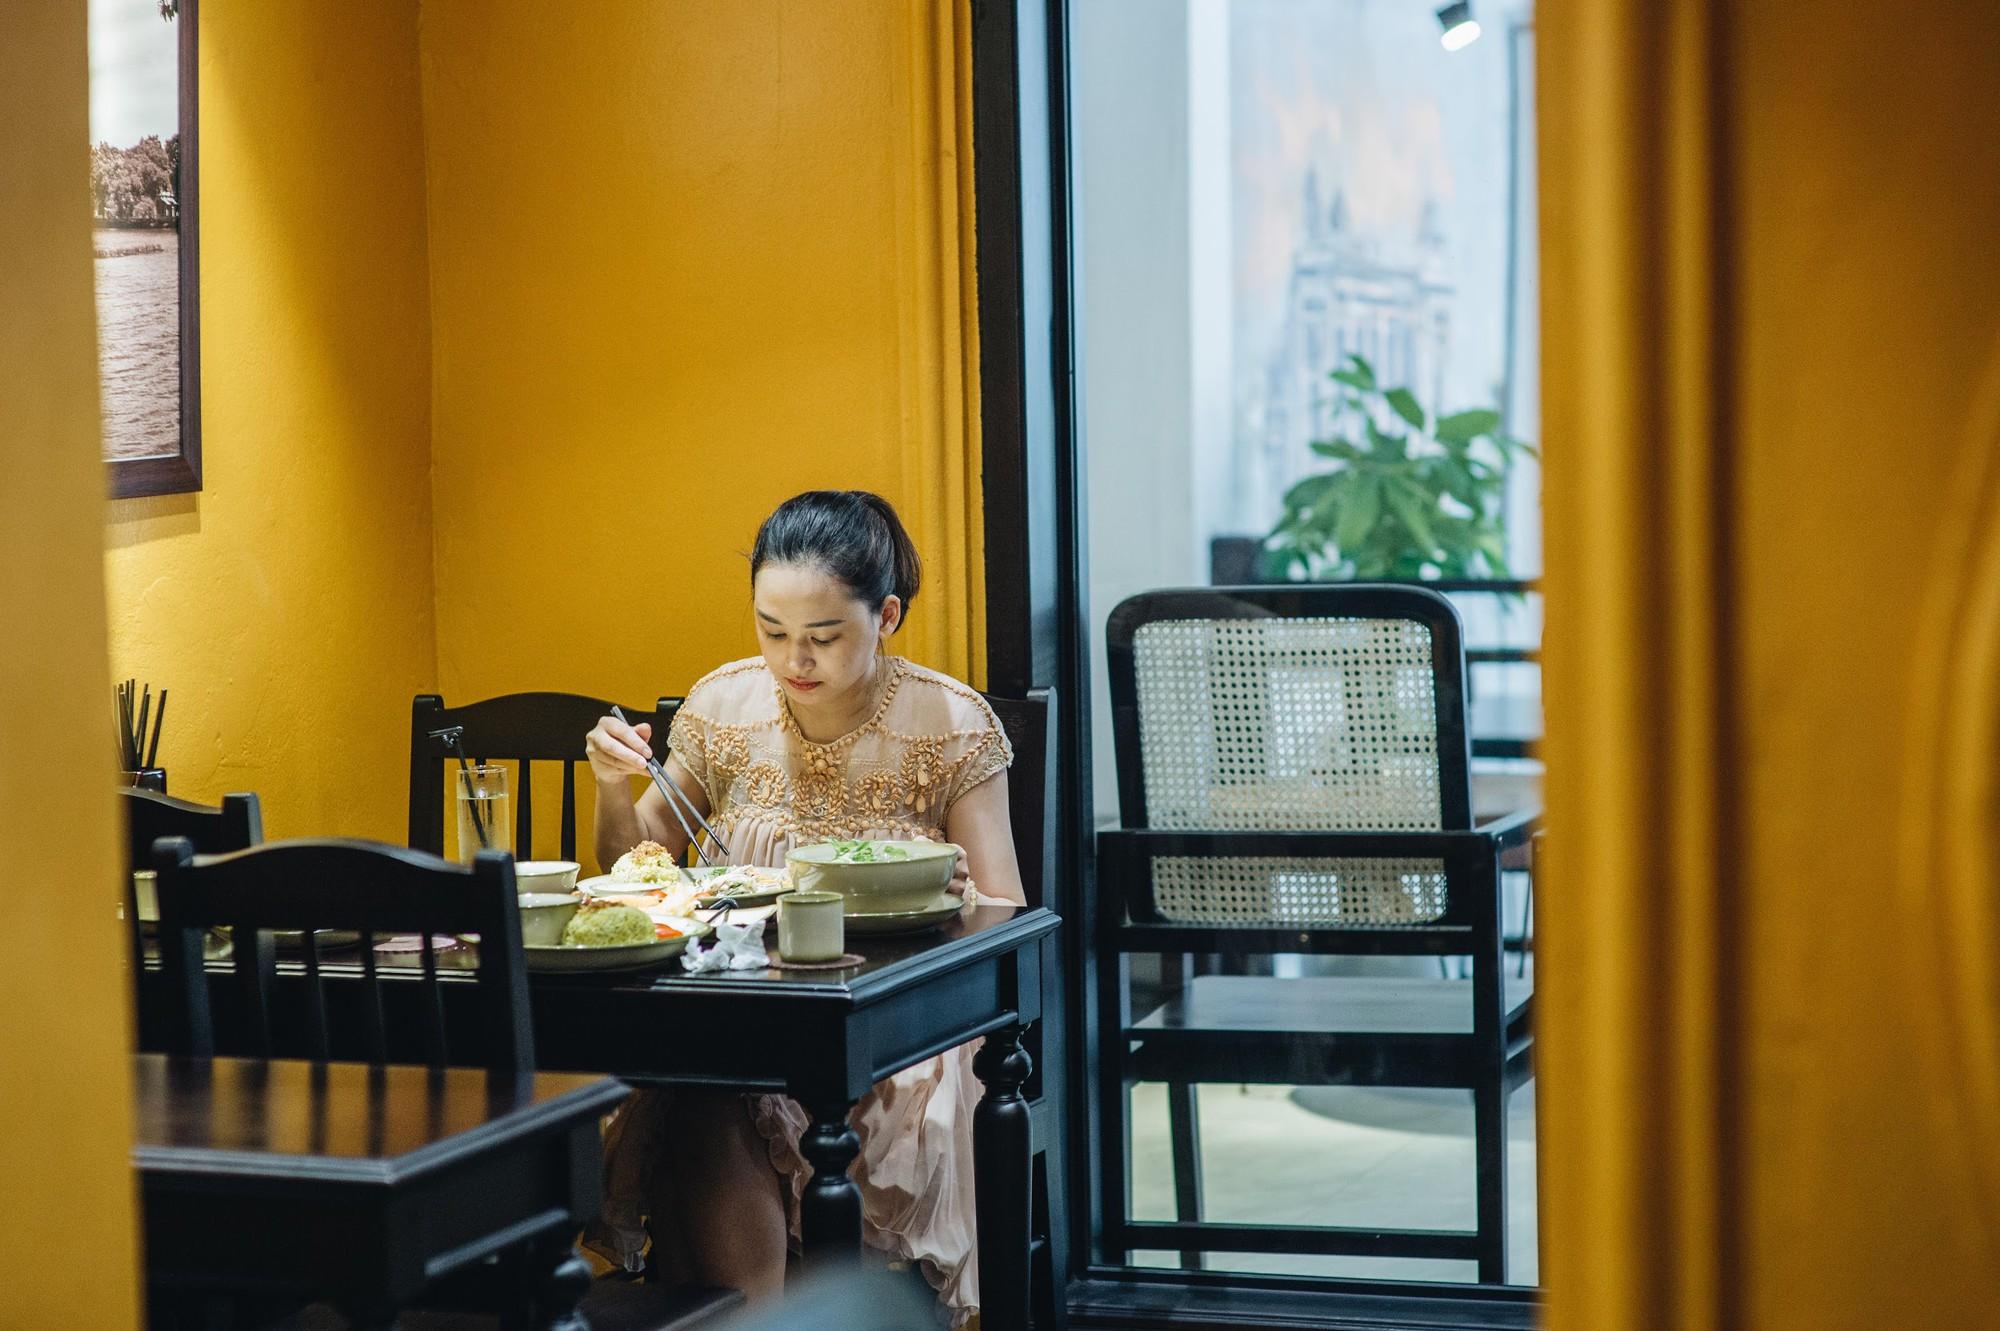 Ngược dòng thời gian cùng Phở Cội: Tìm phong vị phở giữa không gian nhà hàng ấm áp, gợi nét đẹp xưa Hà Nội - Ảnh 2.